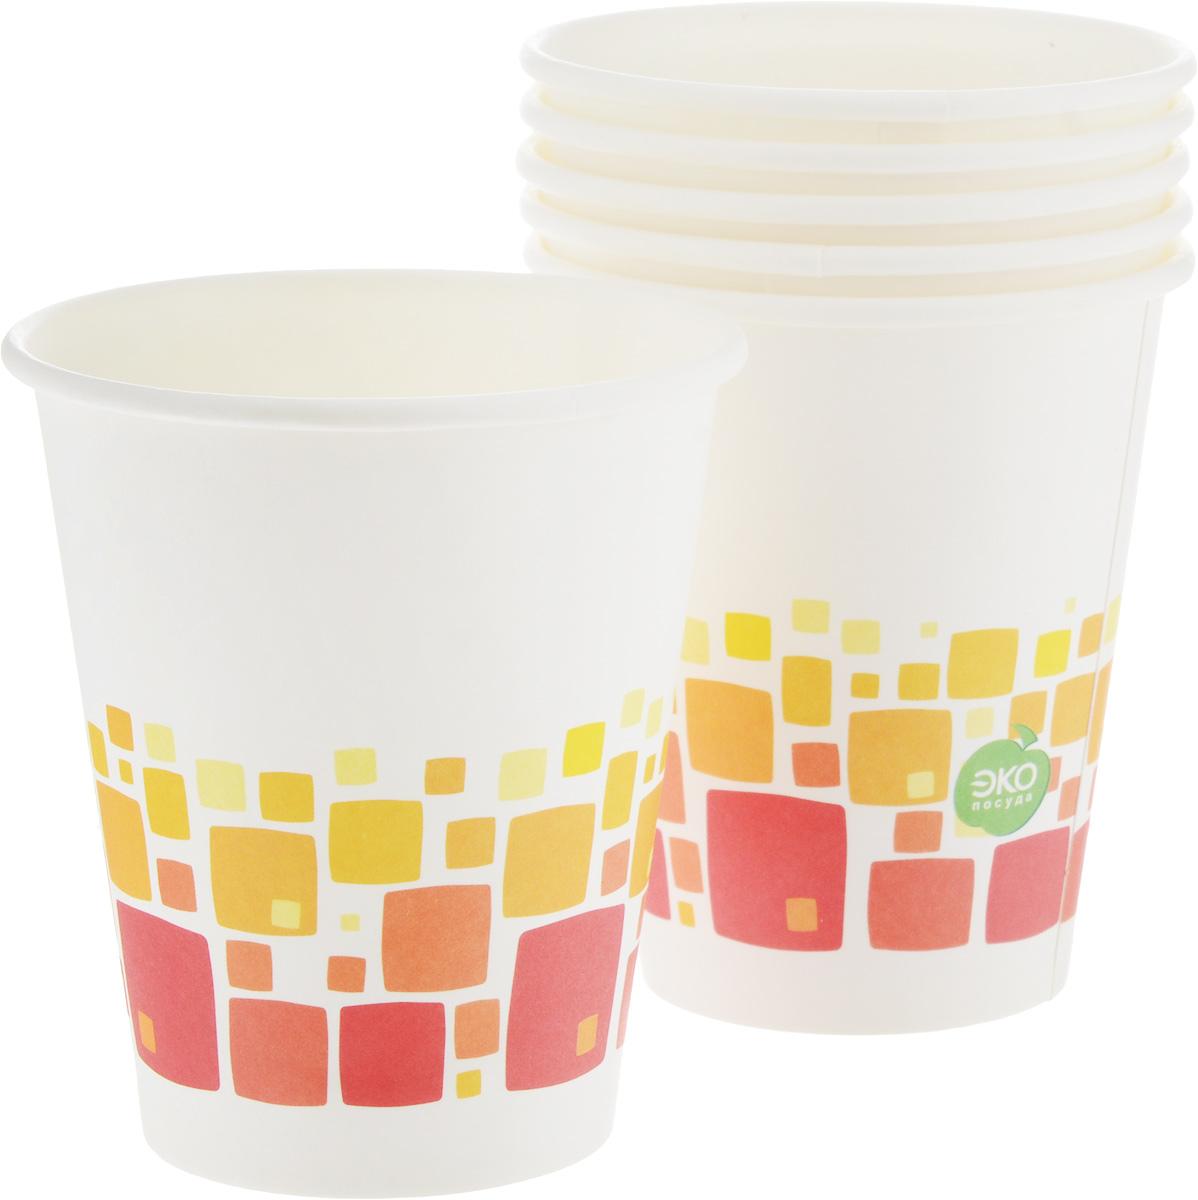 Набор бумажных стаканов Paterra Нарядные, цвет: белый, 330 мл, 6 шт183590Набор Paterra Нарядные состоит из 6 стаканов,предназначенных для одноразового использования. Изделияукрашены узором. Такие стаканы подойдут как для холодных,так и для горячих напитков. Имеют водоотталкивающиесвойства.Одноразовые стаканы будут незаменимы при поездках наприроду, пикниках и других мероприятиях. Они легкие и незаймут много места, а самое главное - после использования ихне надо мыть. Диаметр стакана: 8 см. Высота стакана: 9,5 см.